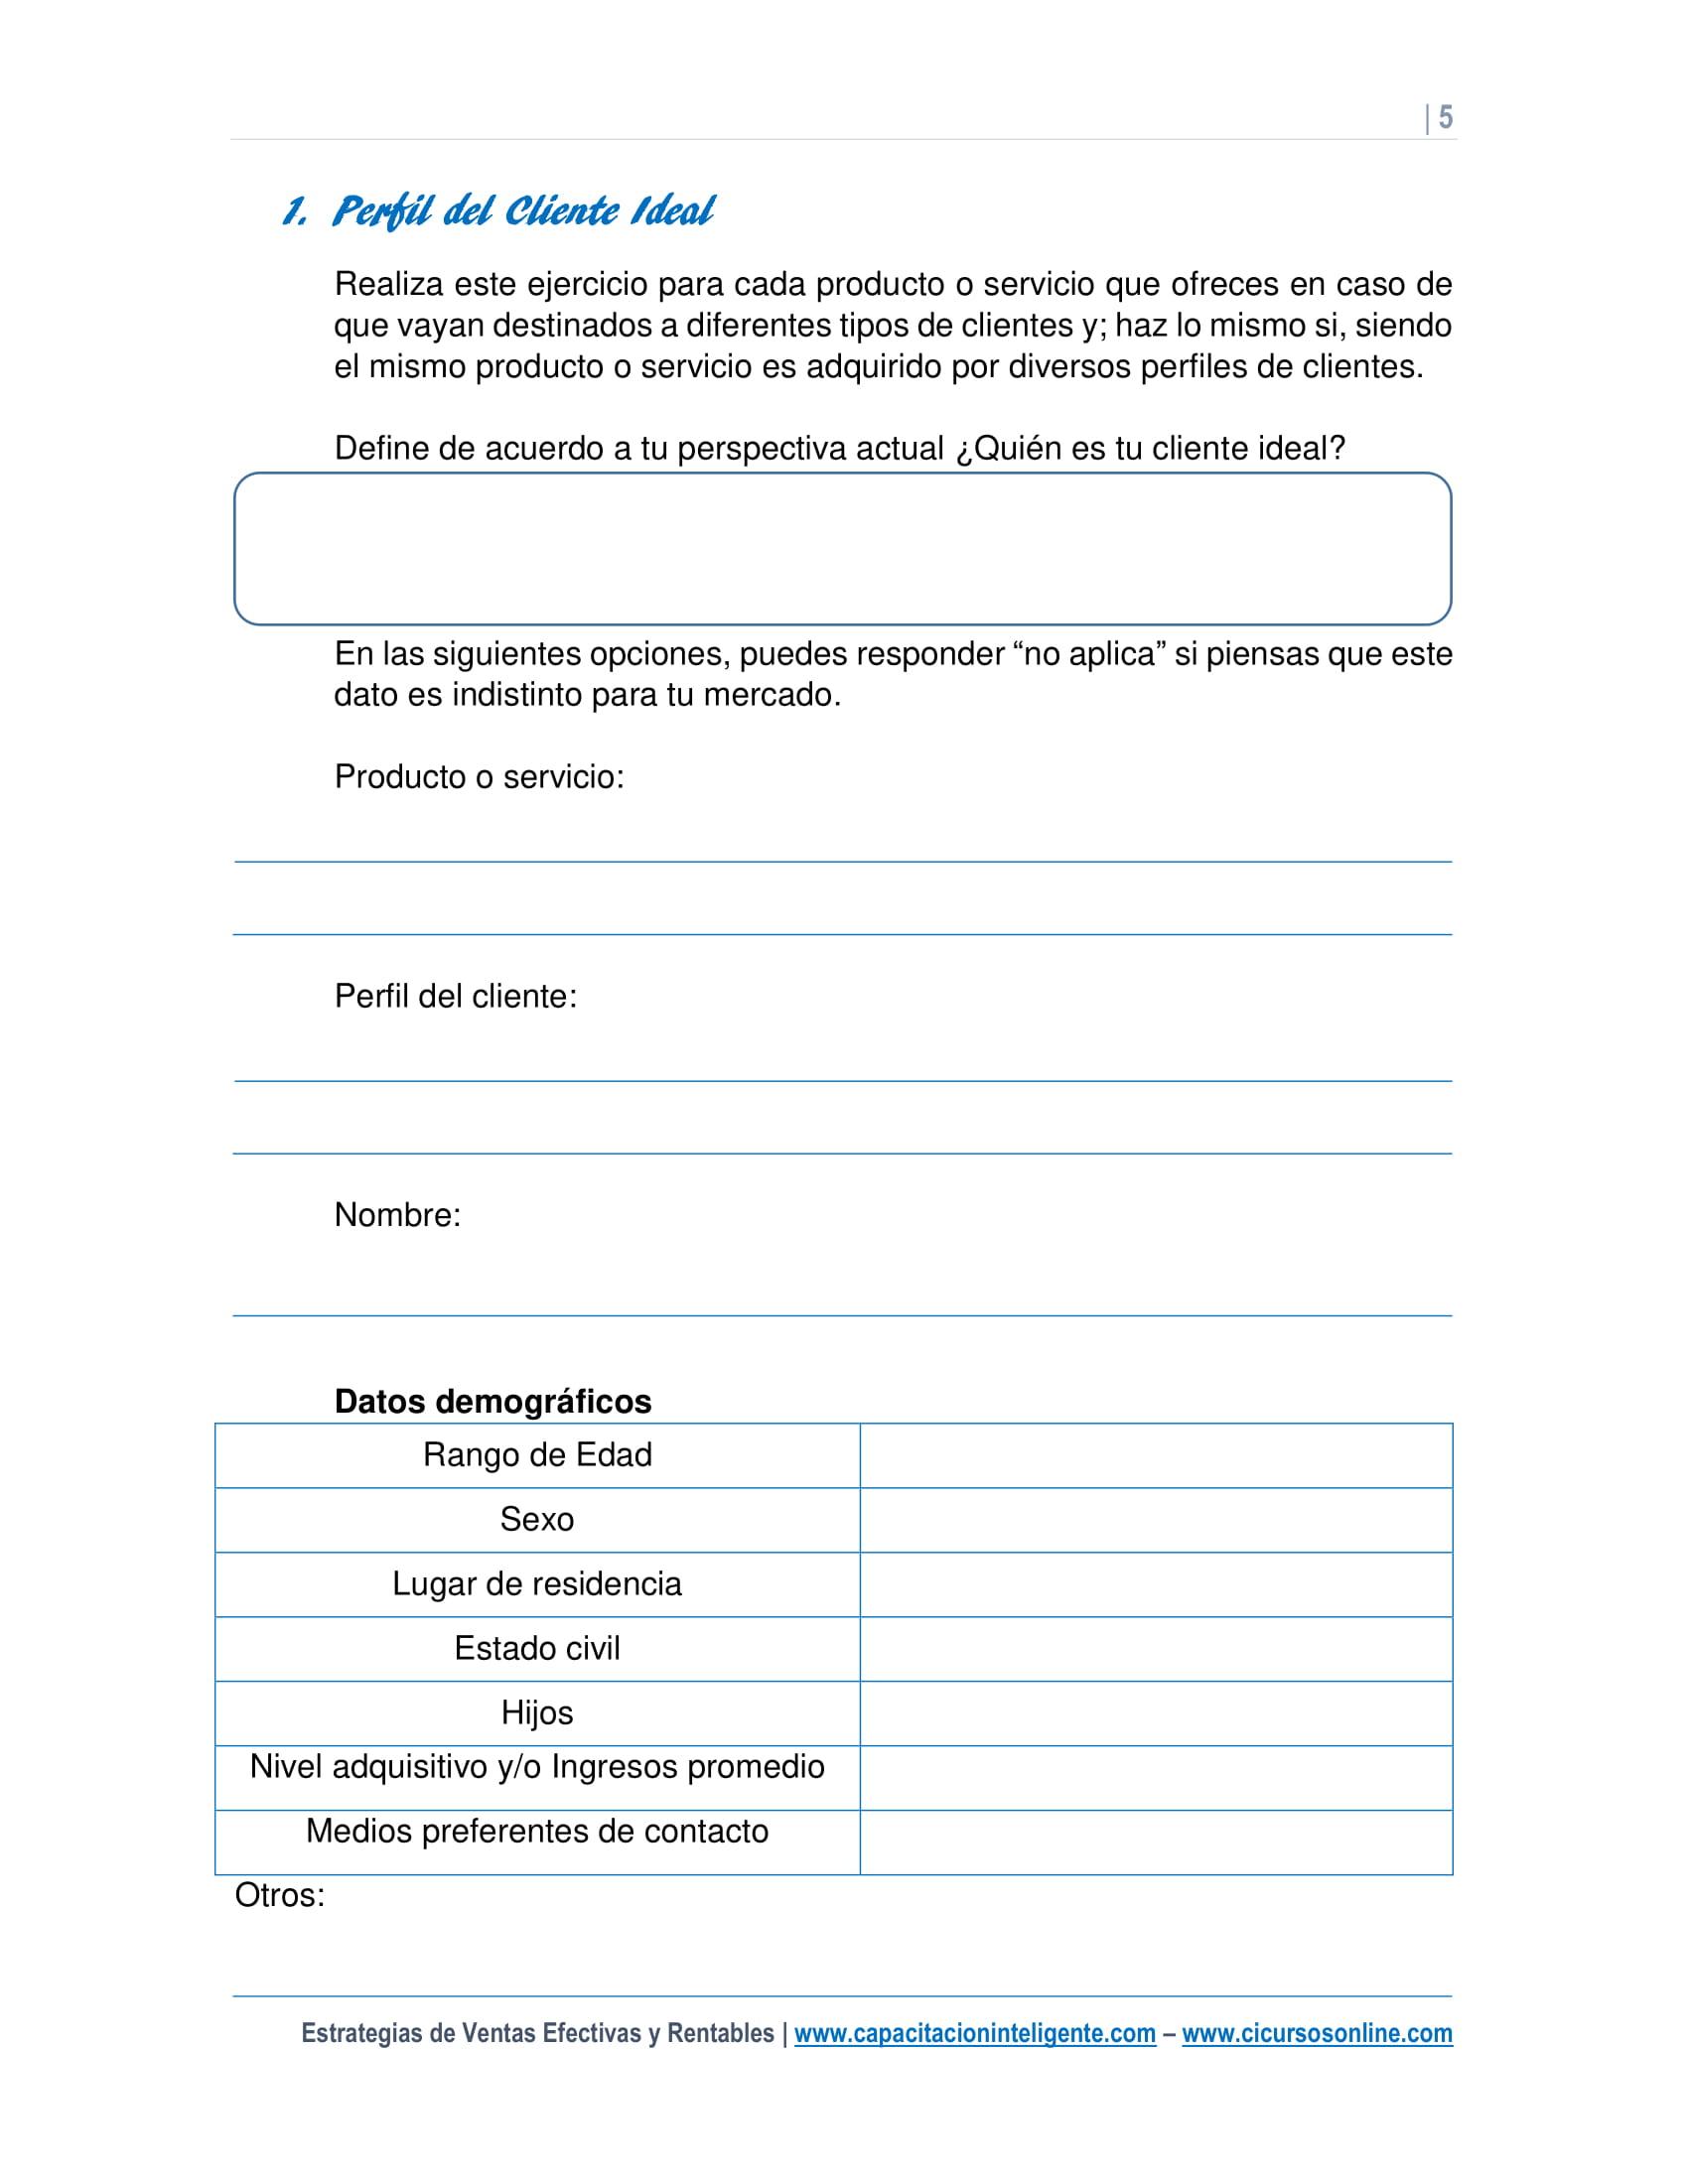 Cuaderno de Trabajo - Estrategias de ventas efectivas y rentables-05